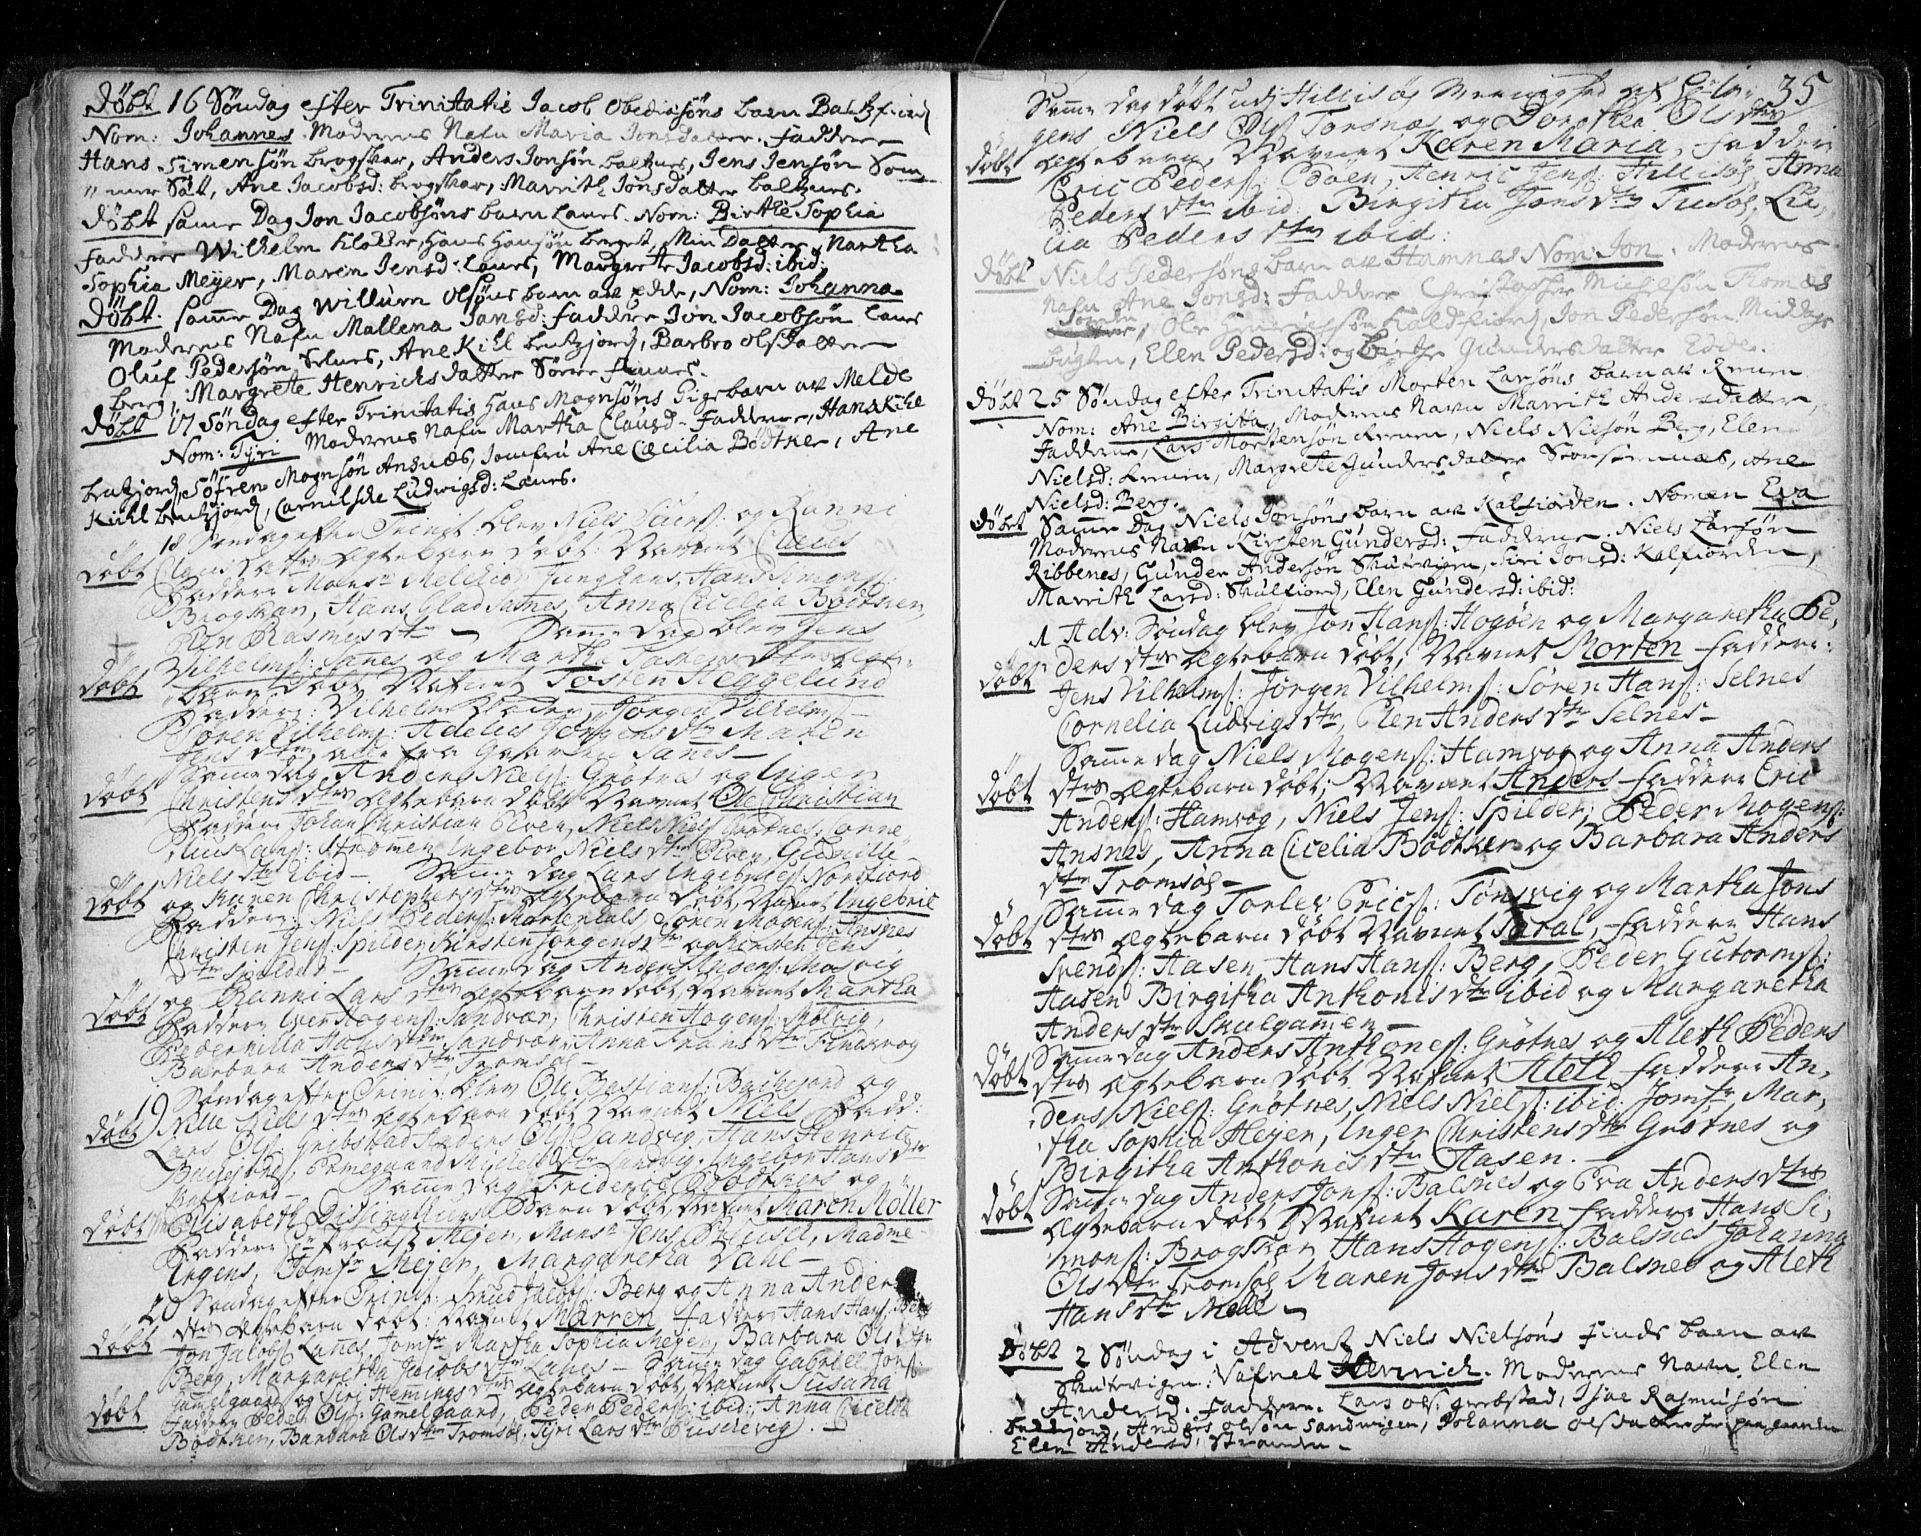 SATØ, Tromsø sokneprestkontor/stiftsprosti/domprosti, G/Ga/L0002kirke: Ministerialbok nr. 2, 1753-1778, s. 35